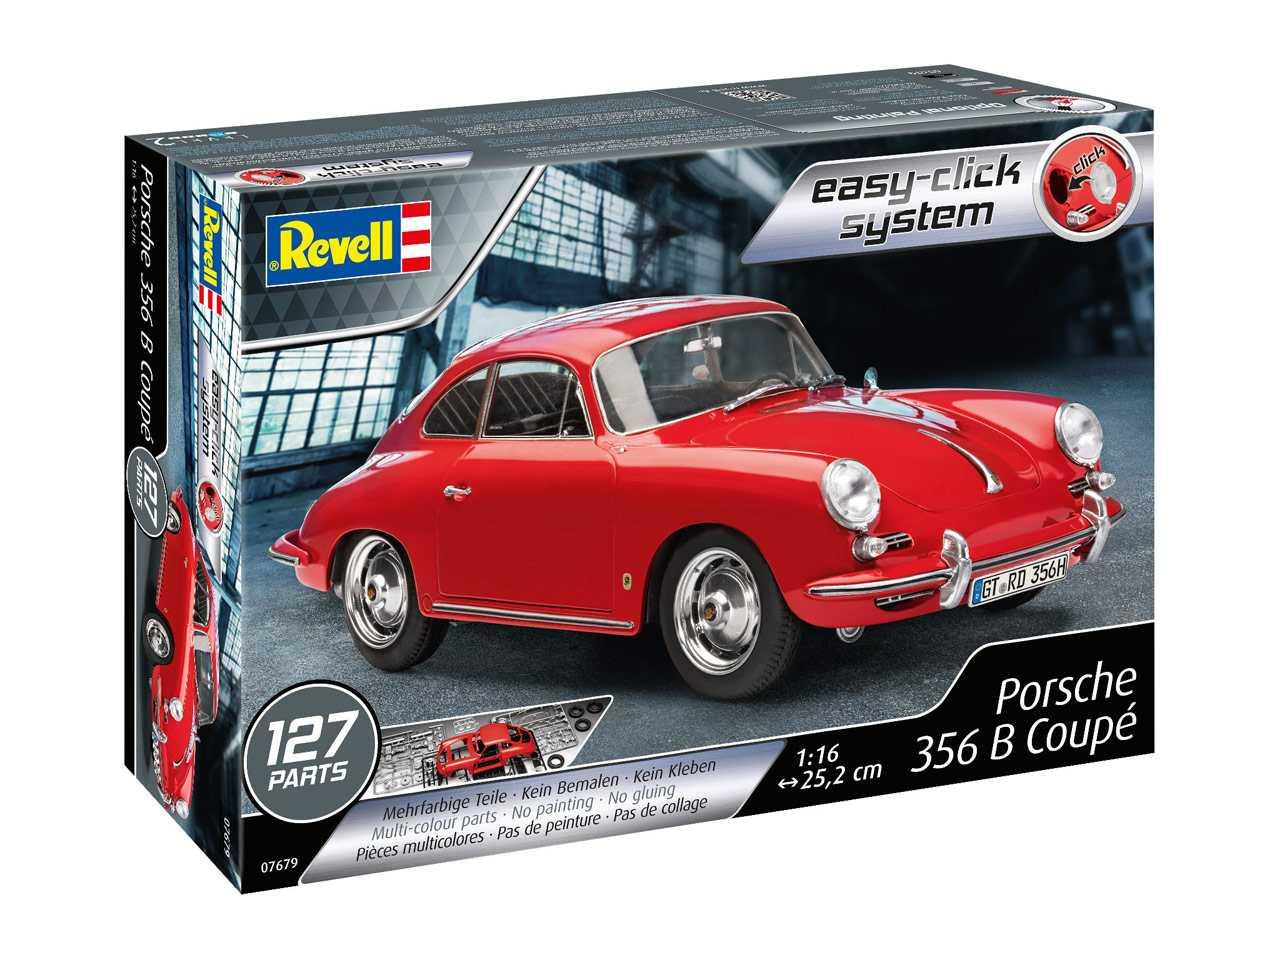 1:16 Porsche 356 B Coupe